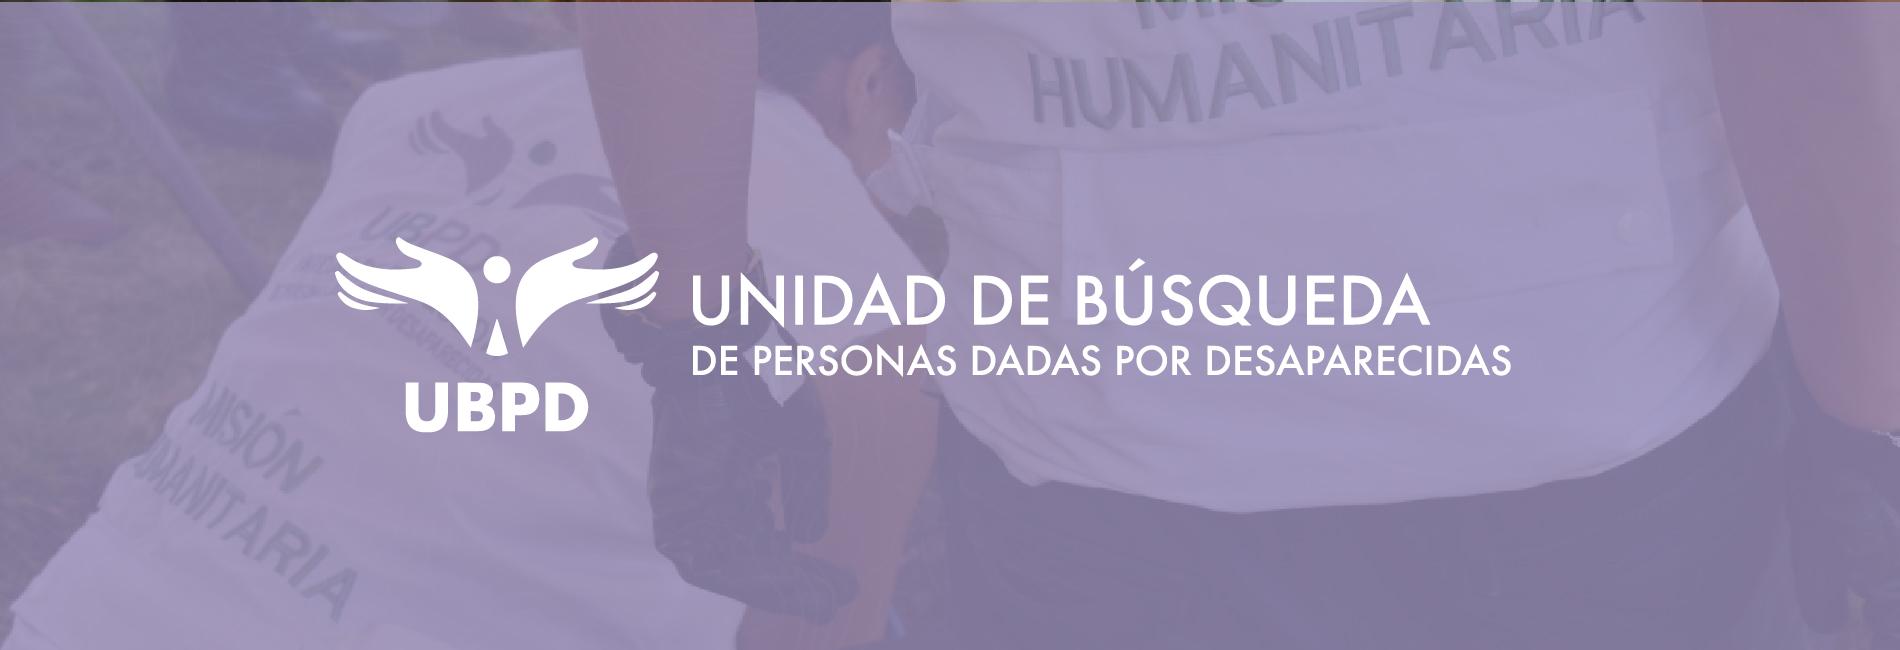 Unidad de Búsqueda agiliza la búsqueda de personas desaparecidas por medio de la toma muestras biológicas a 43 familias en el departamento del Cauca